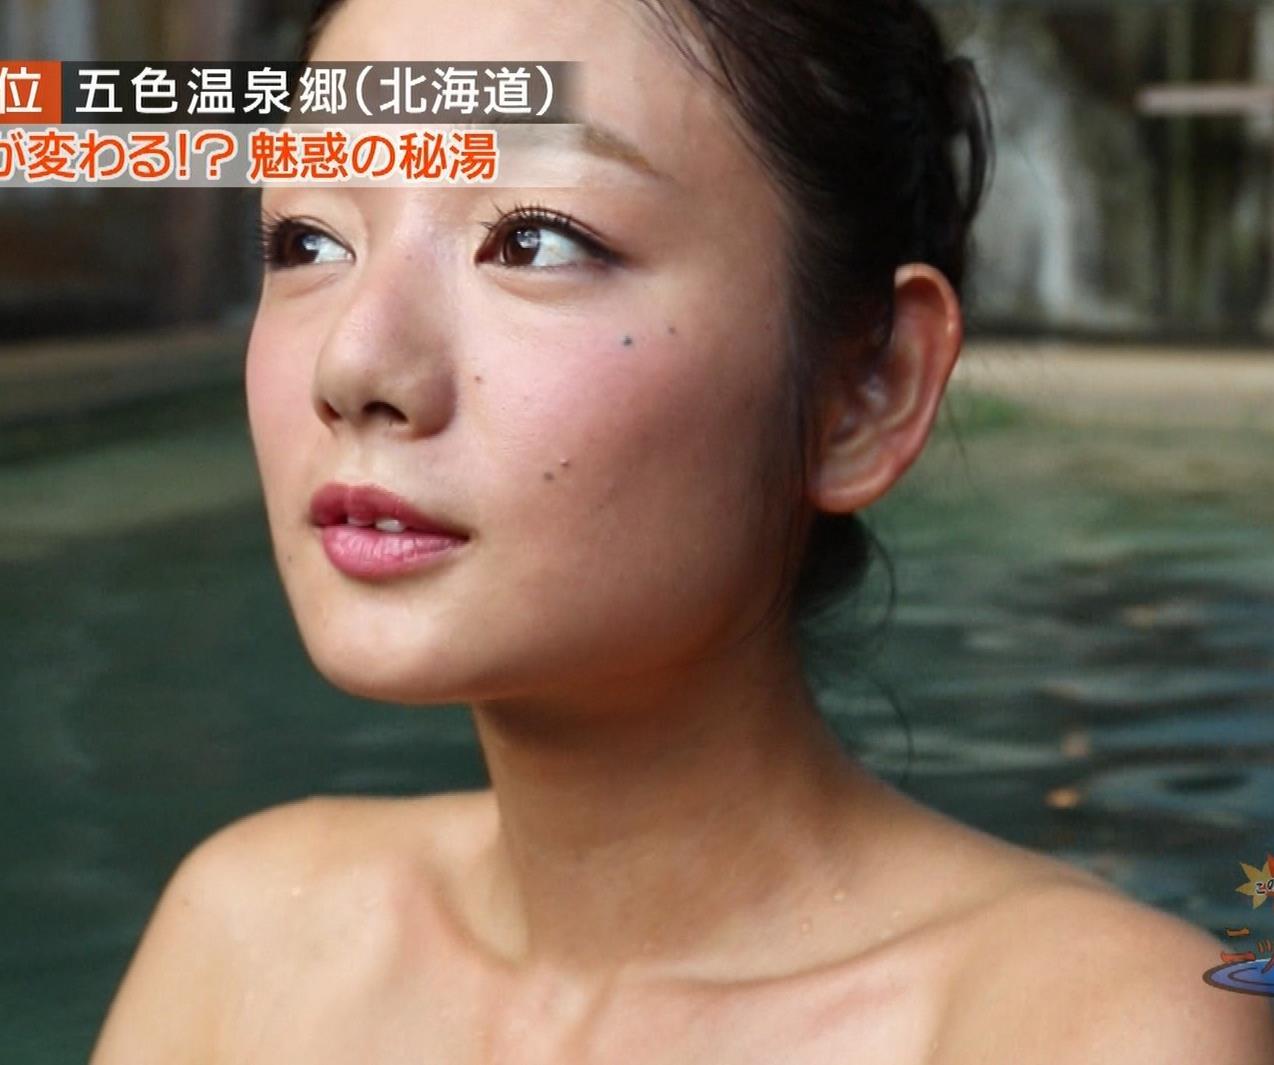 片山萌美 画像5